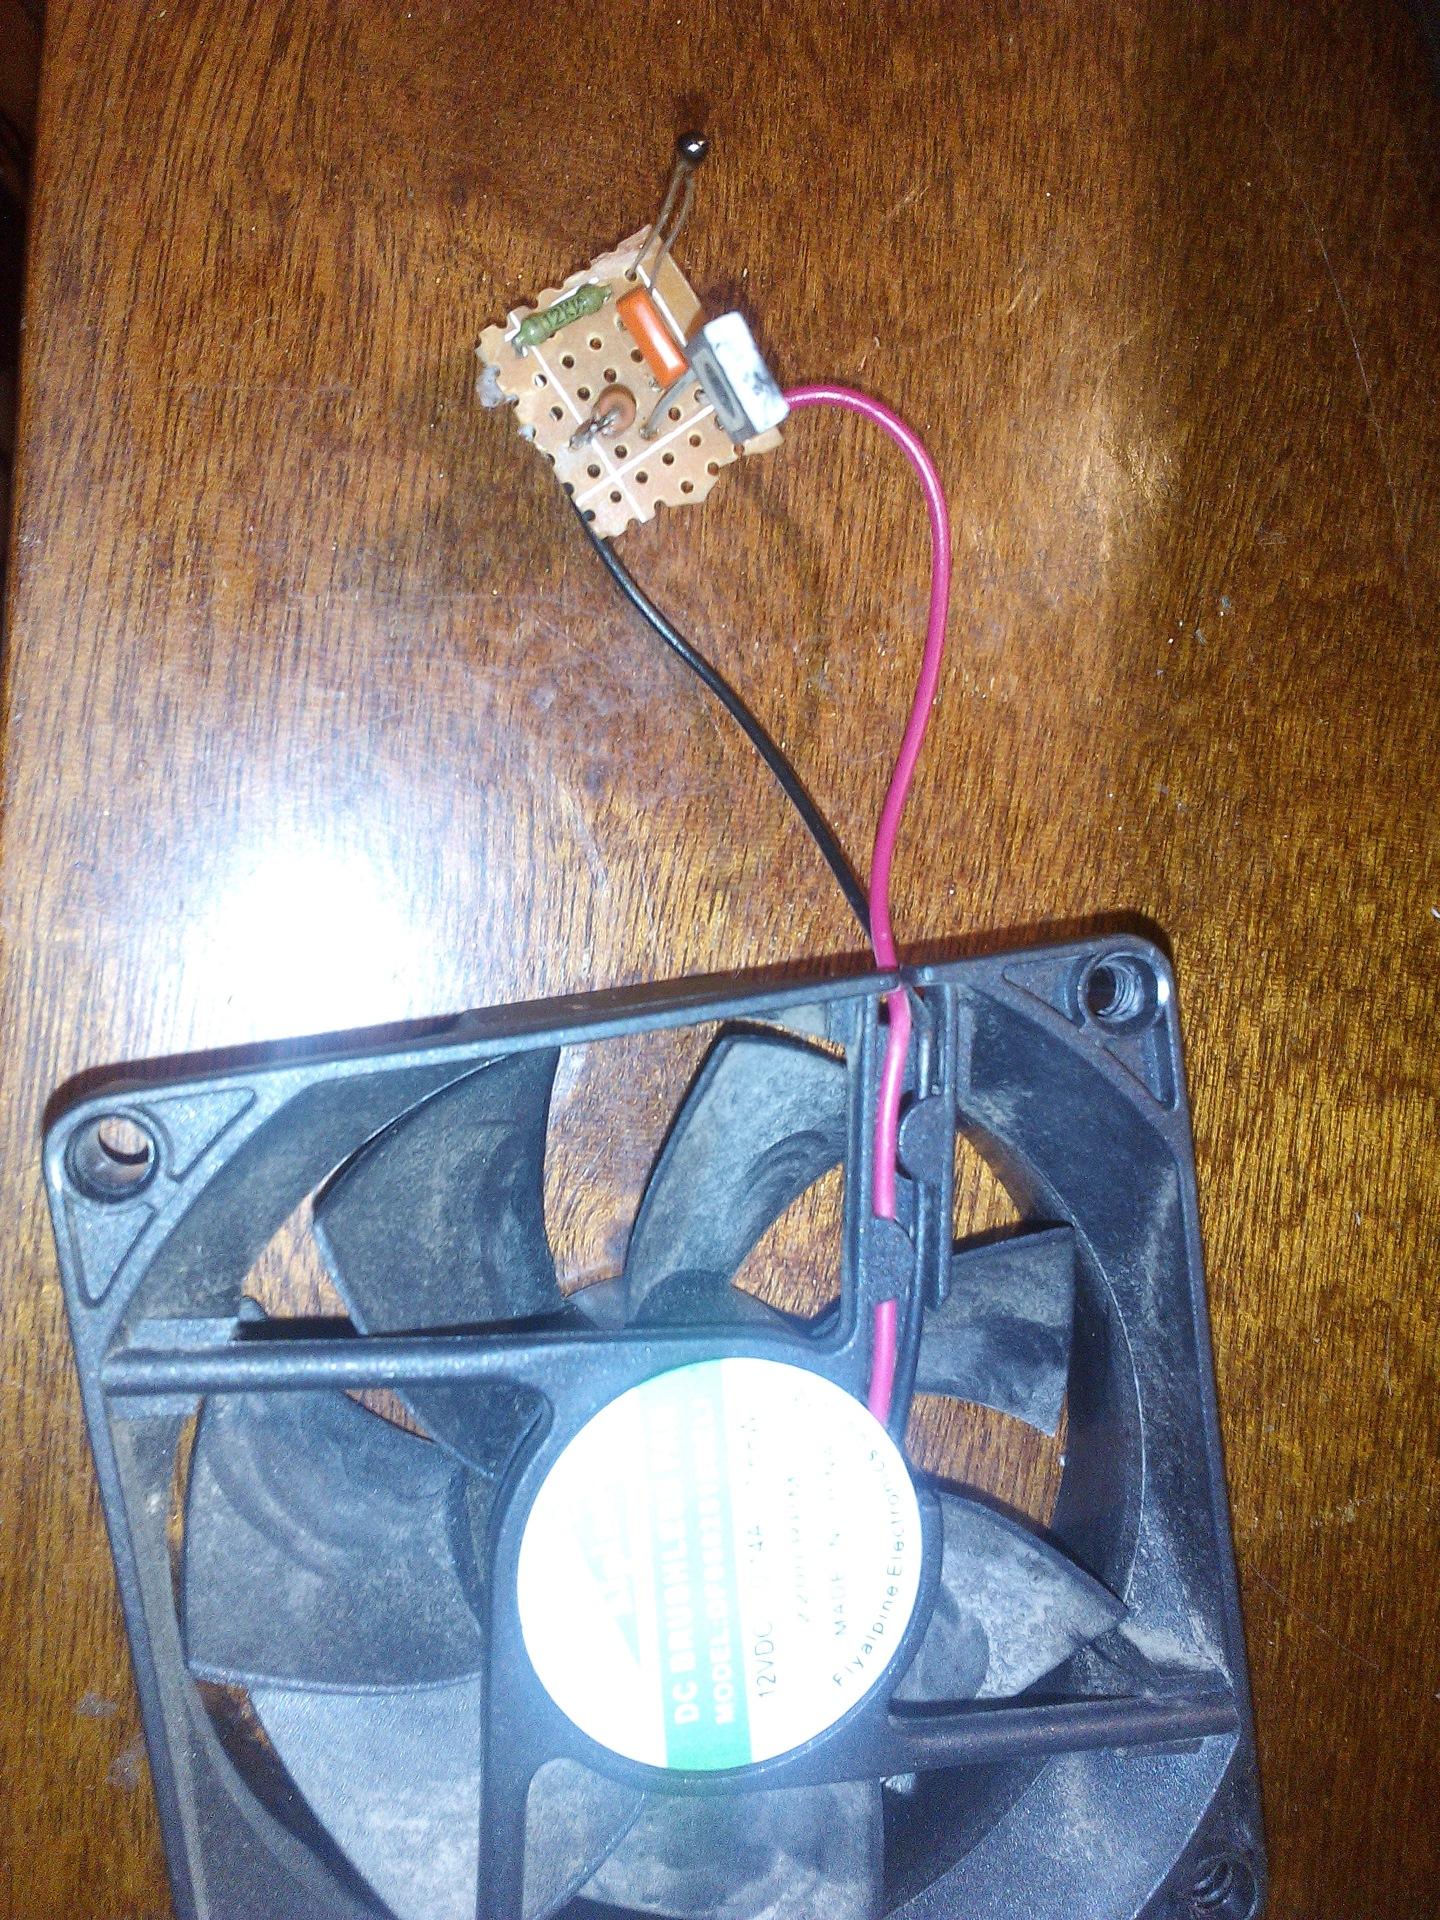 Регулятор оборотов коллекторного двигателя без потери мощности - схема, устройство, изготовление своими руками